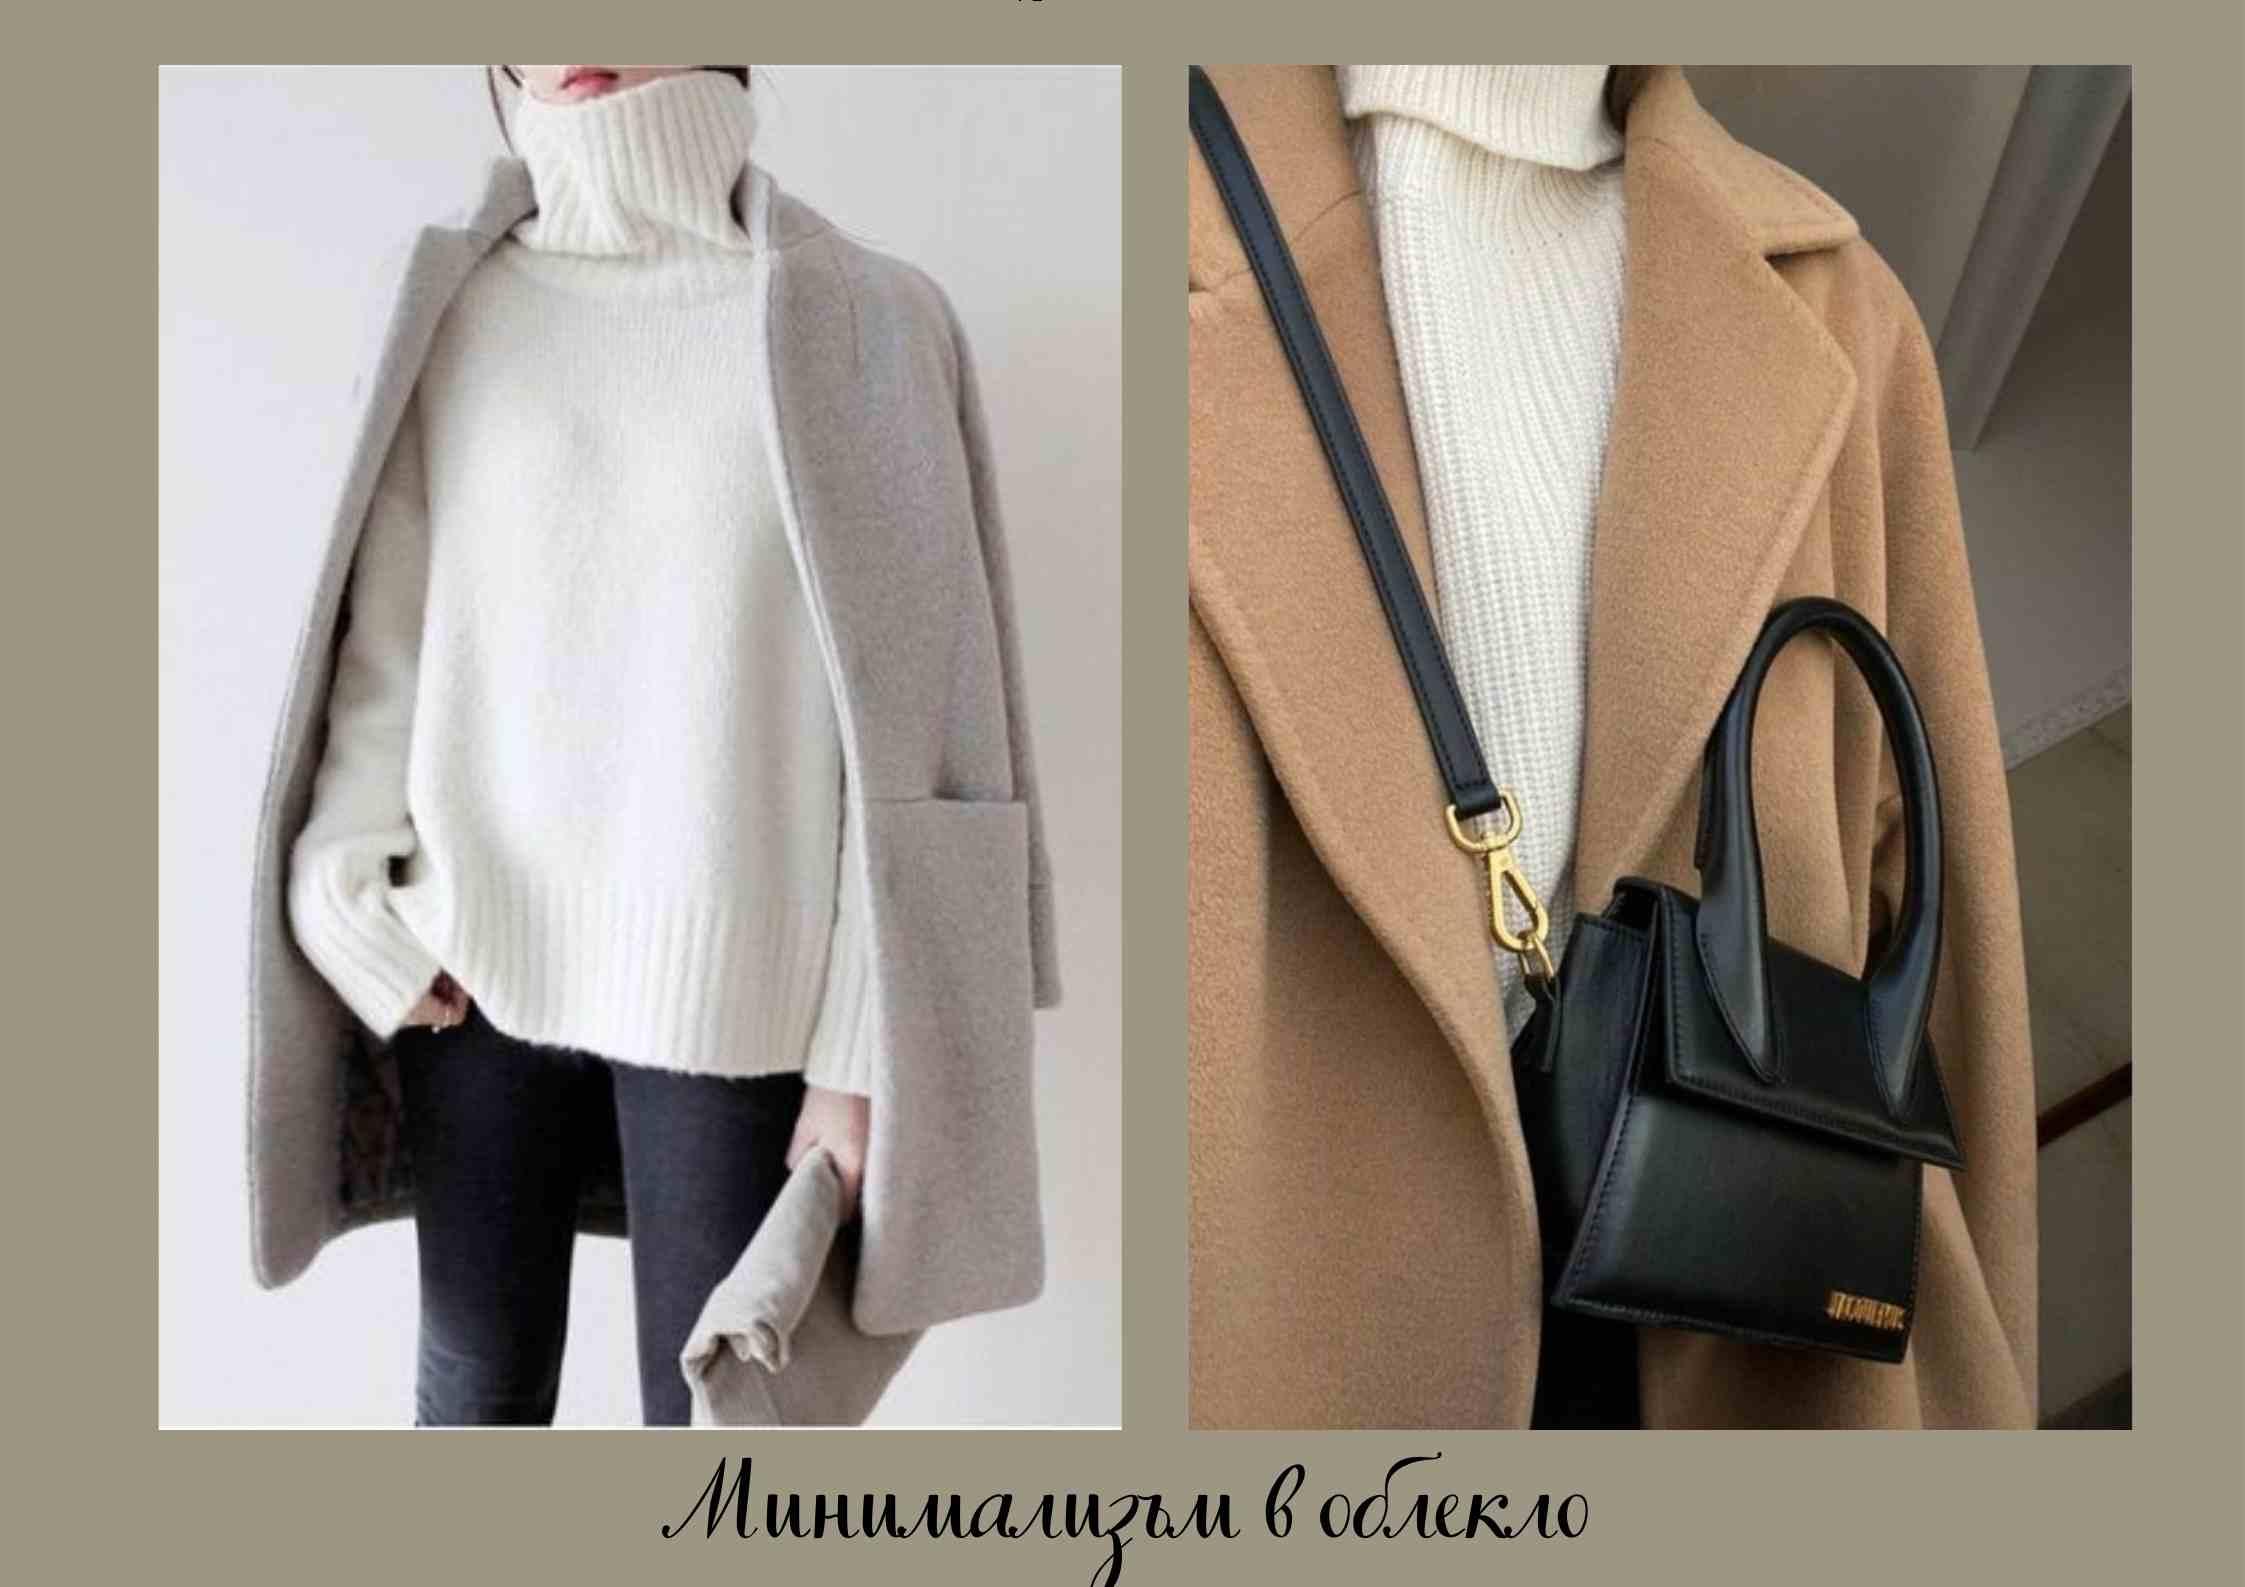 minimalism-style-life (5)